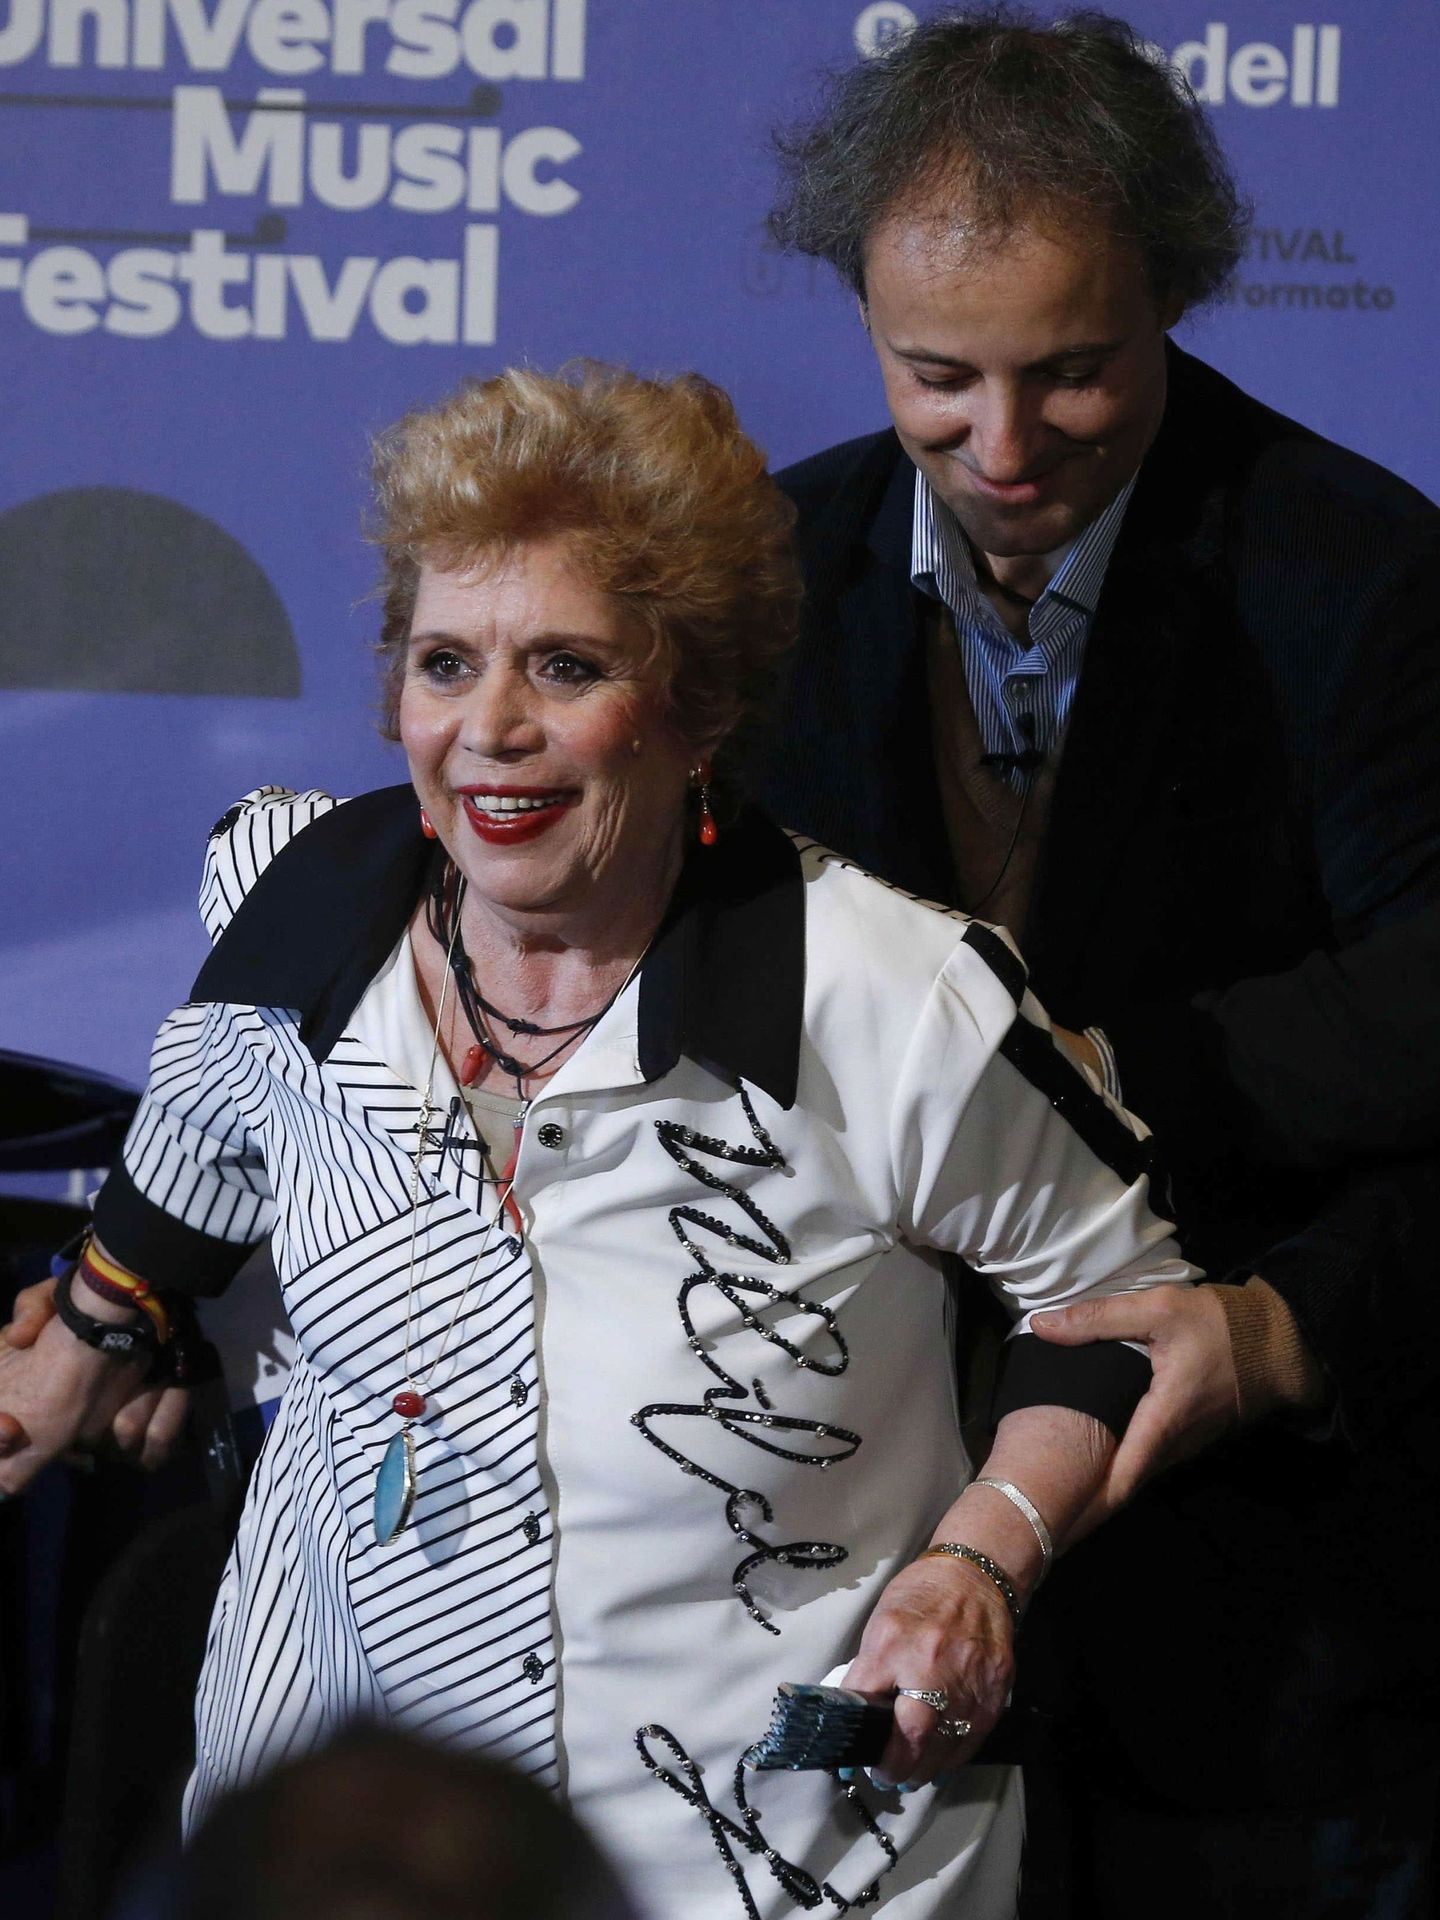 María Jiménez, en la presentación del Universal Music Festival, organizado por la discográfica de la que es presidente Narcís Rebollo. (EFE)